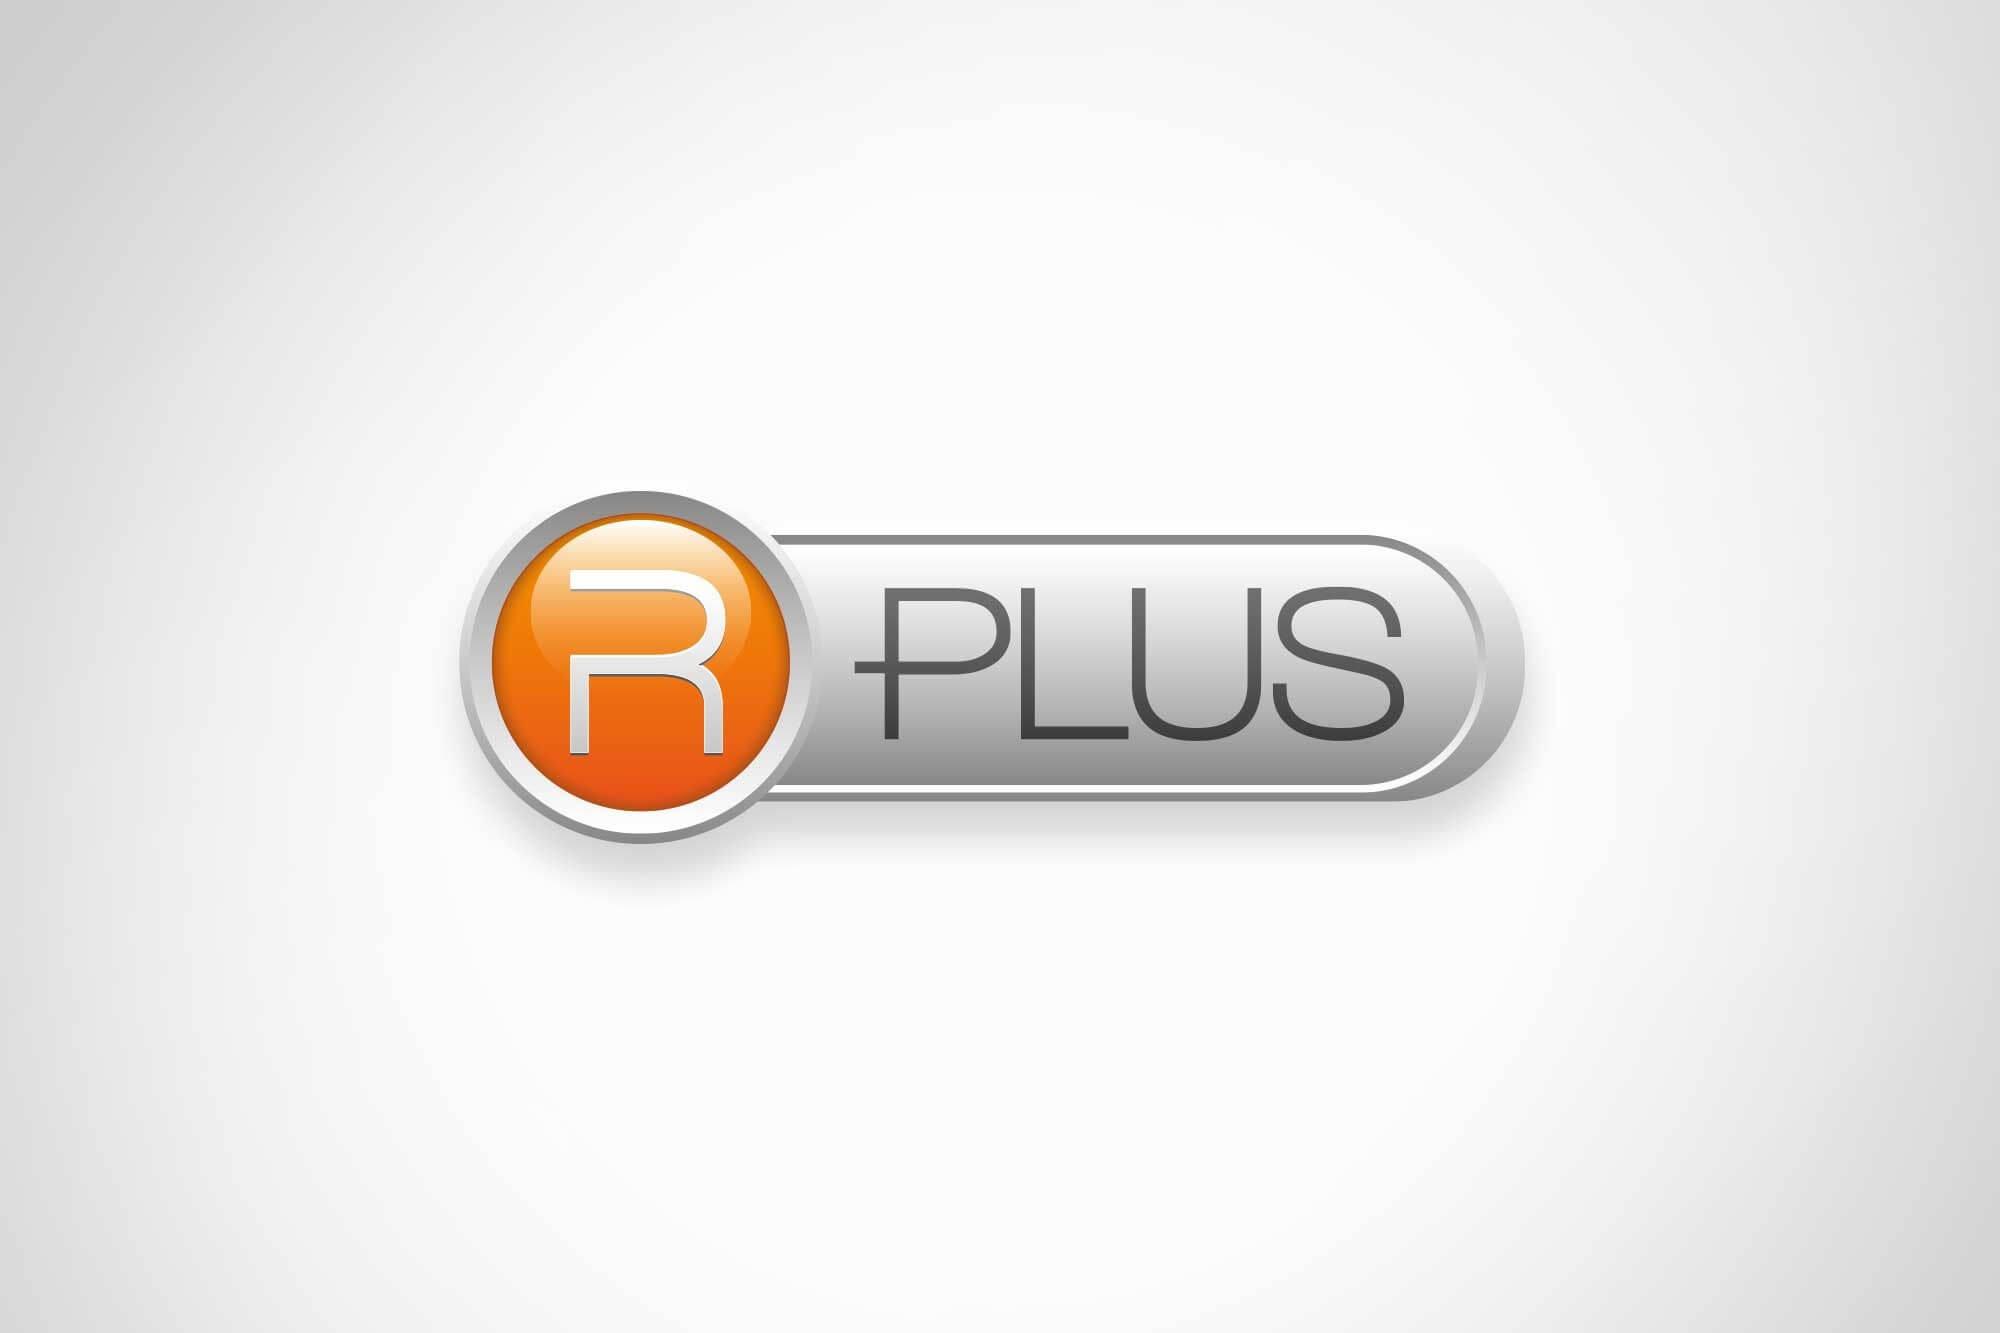 RestaOne R-plus huollon logo